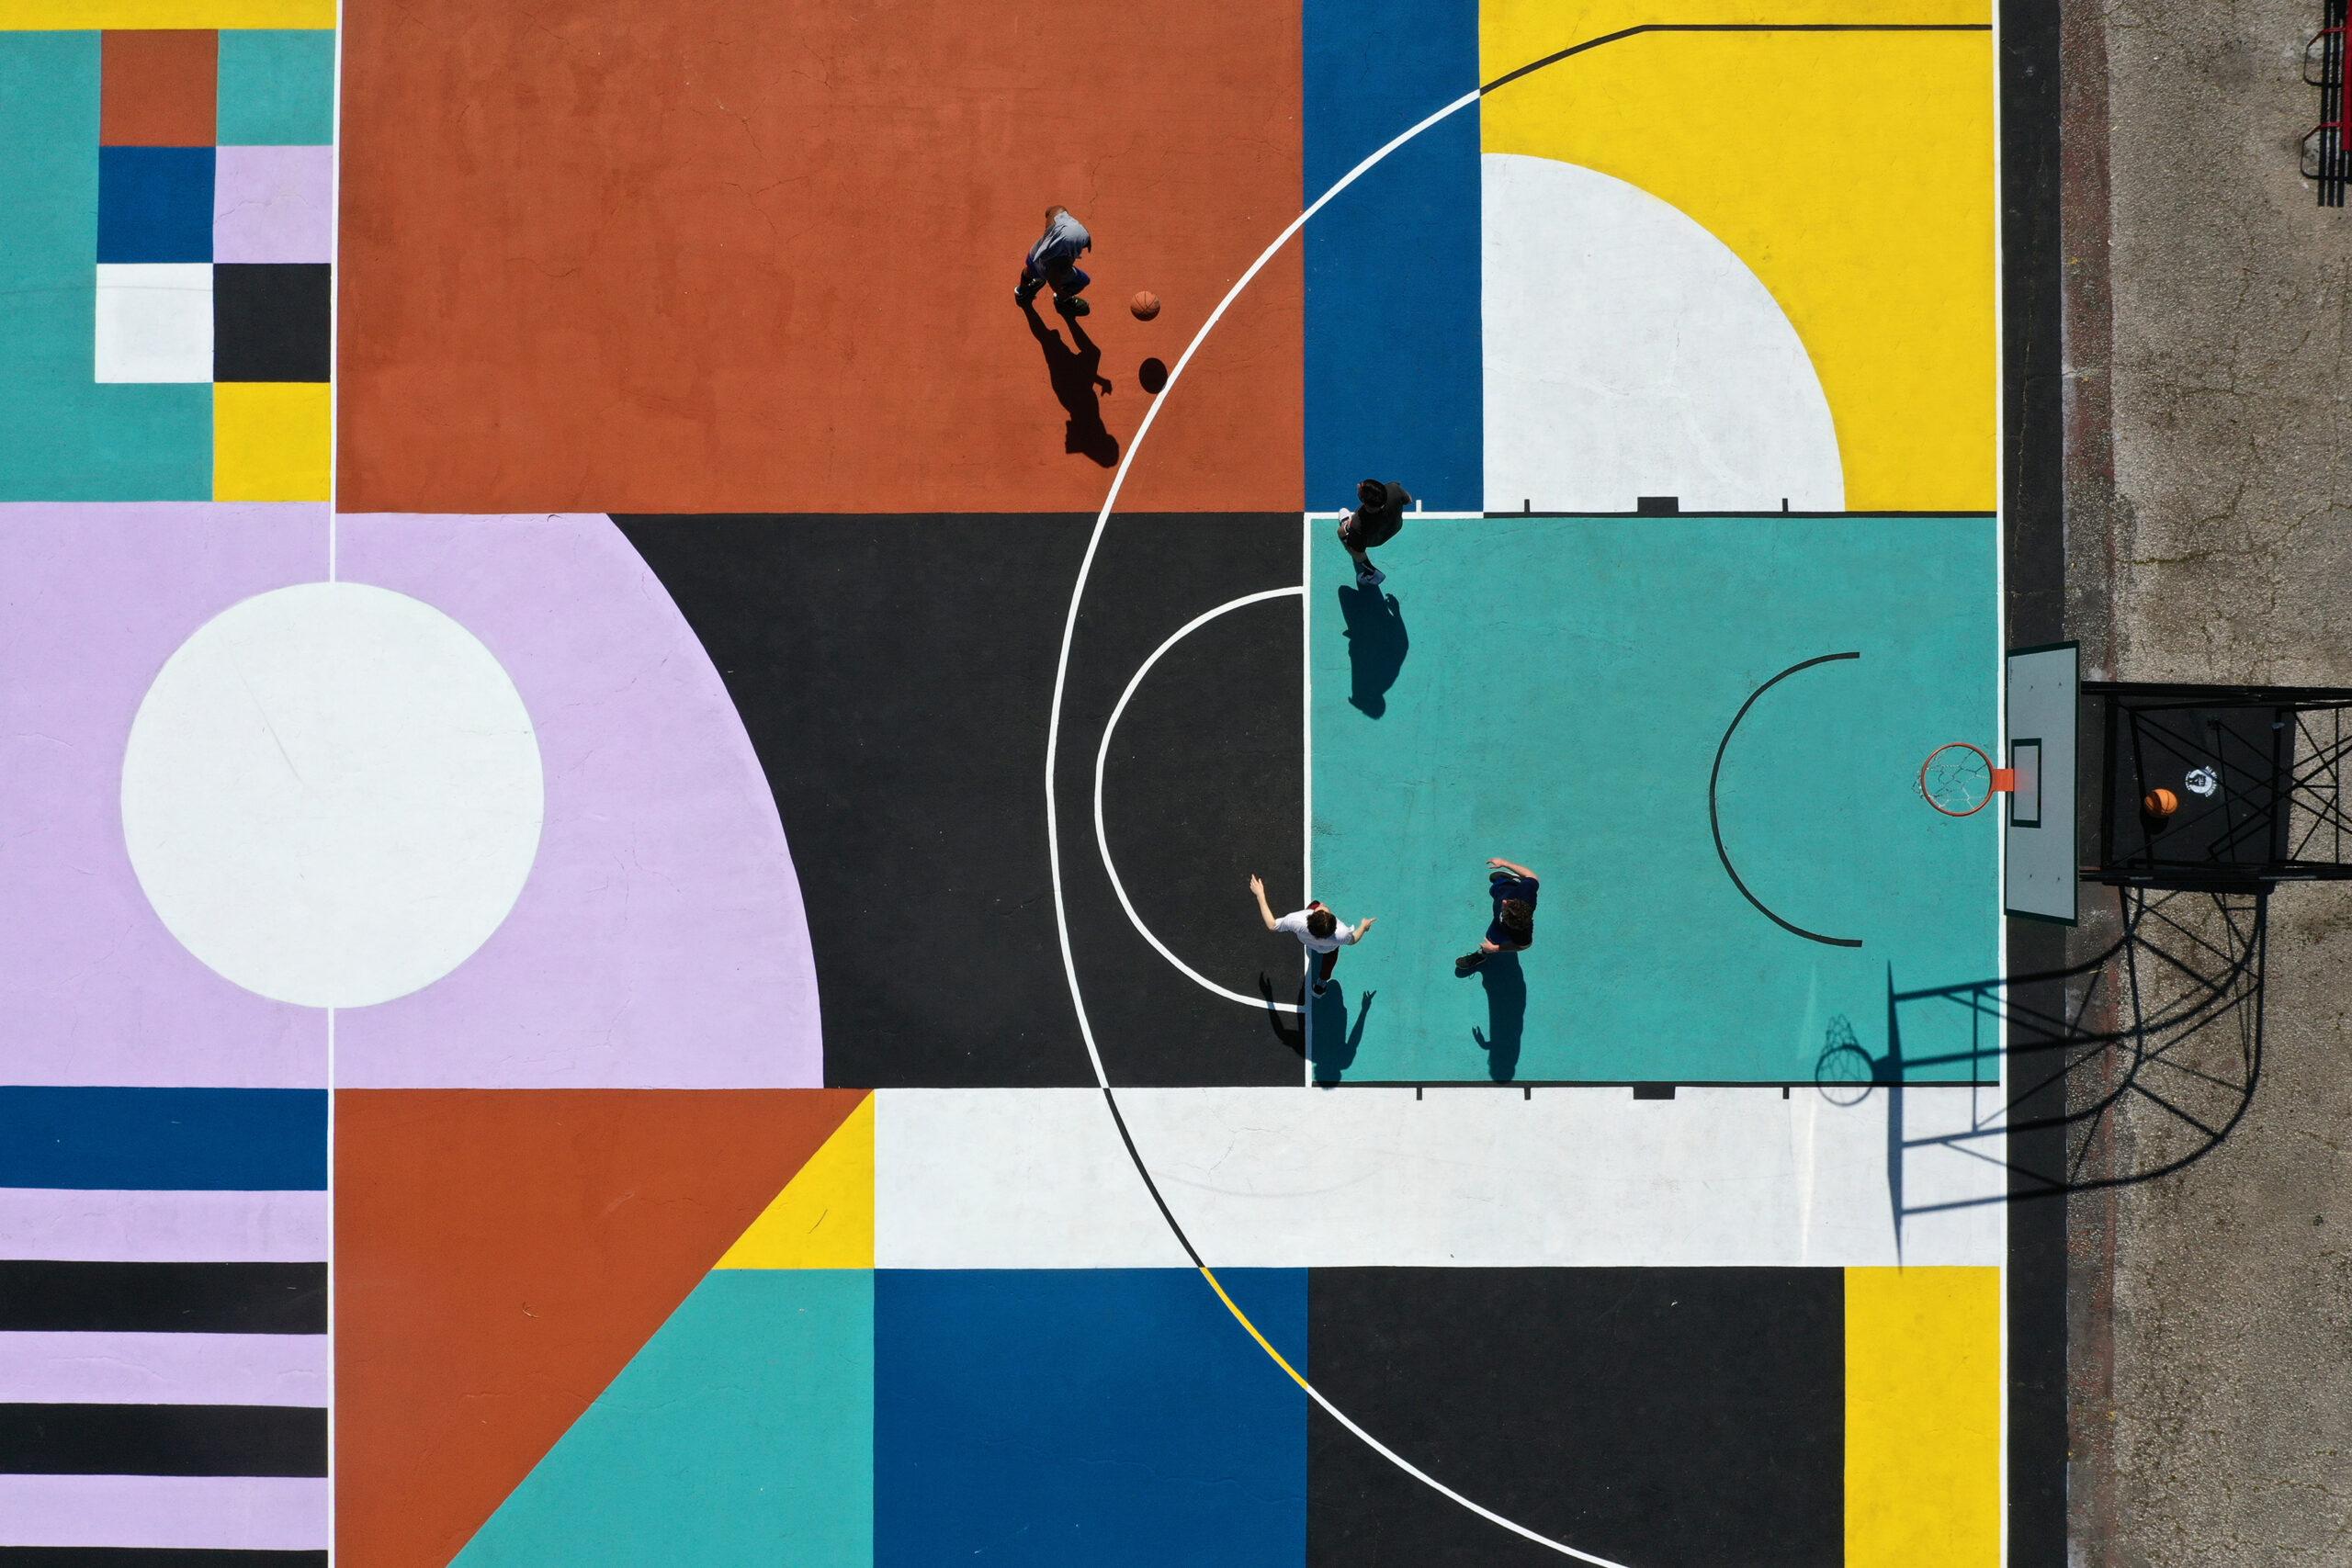 Un campo da basket a Roma è una vera e propria opera d'arte